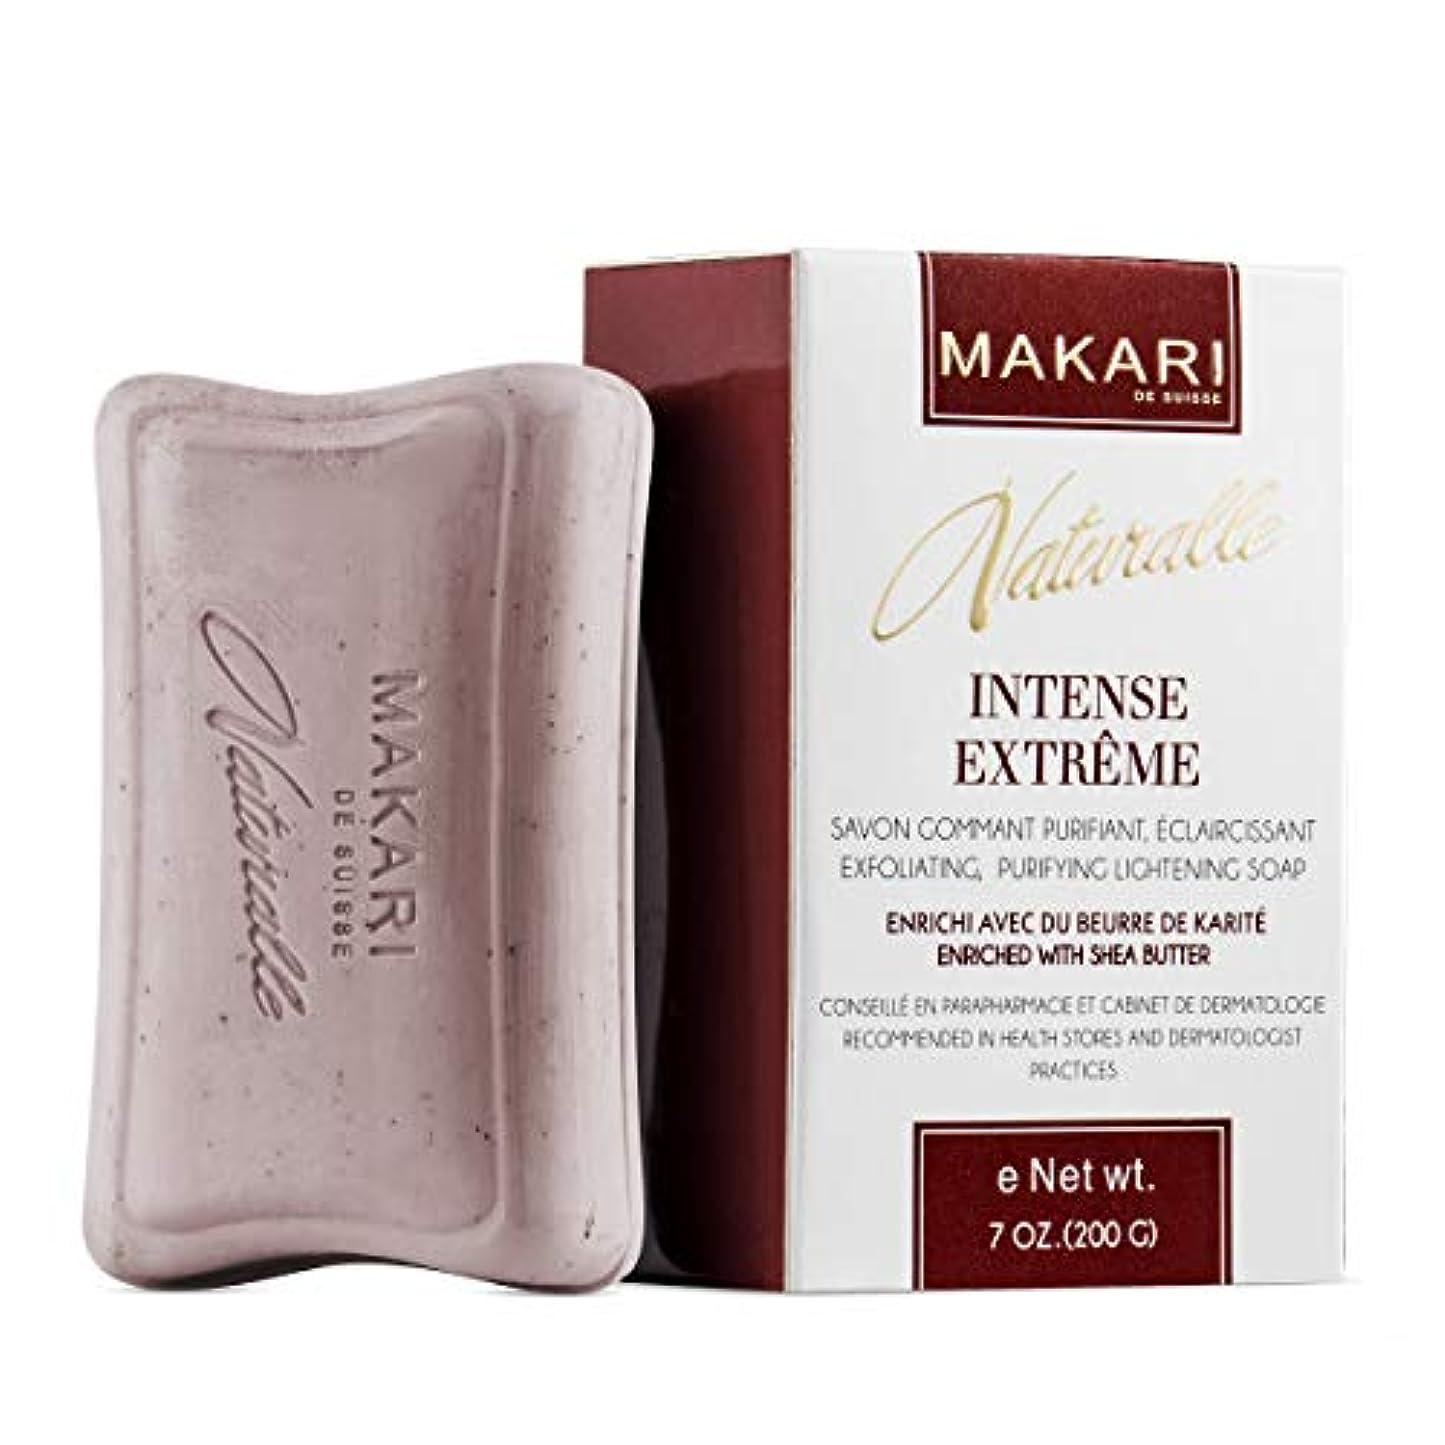 ケイ素魅力的光沢MAKARI ナチュラーレ 集中強力美白ソープ 200g(7オンス)シアバター配合の角質除去&浄化&美白石鹸 SPF15 シミ、ニキビ跡、シワのためのアンチエイジングクレンジングトリートメント